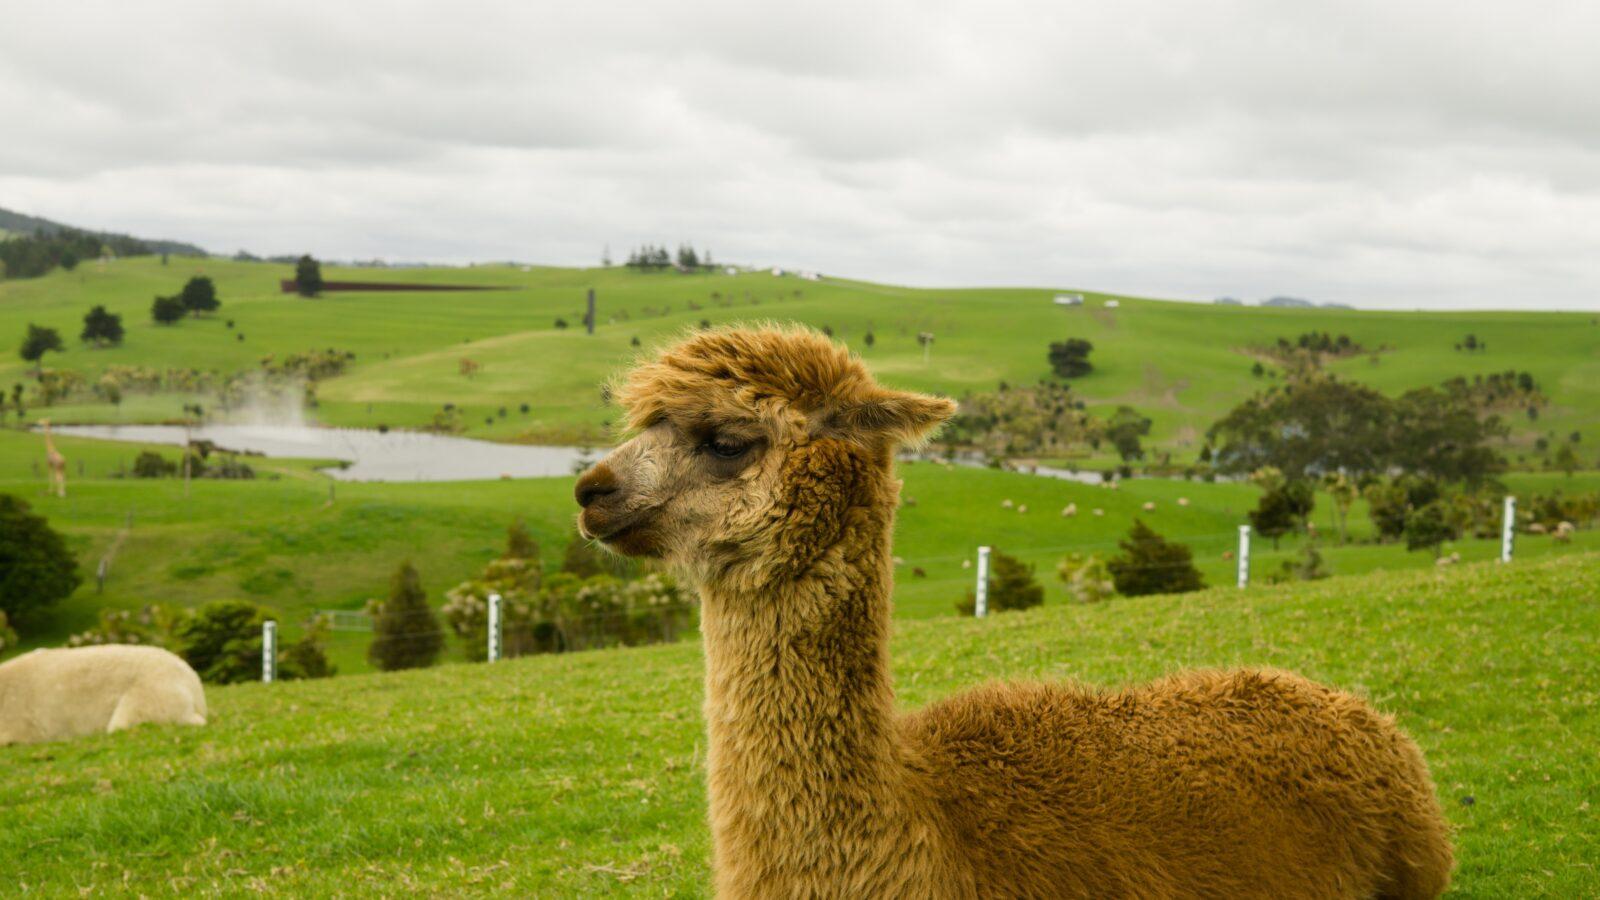 Poznaj urocze i pożyteczne zwierzaki. Wszystko, co musisz wiedzieć o Alpakach!